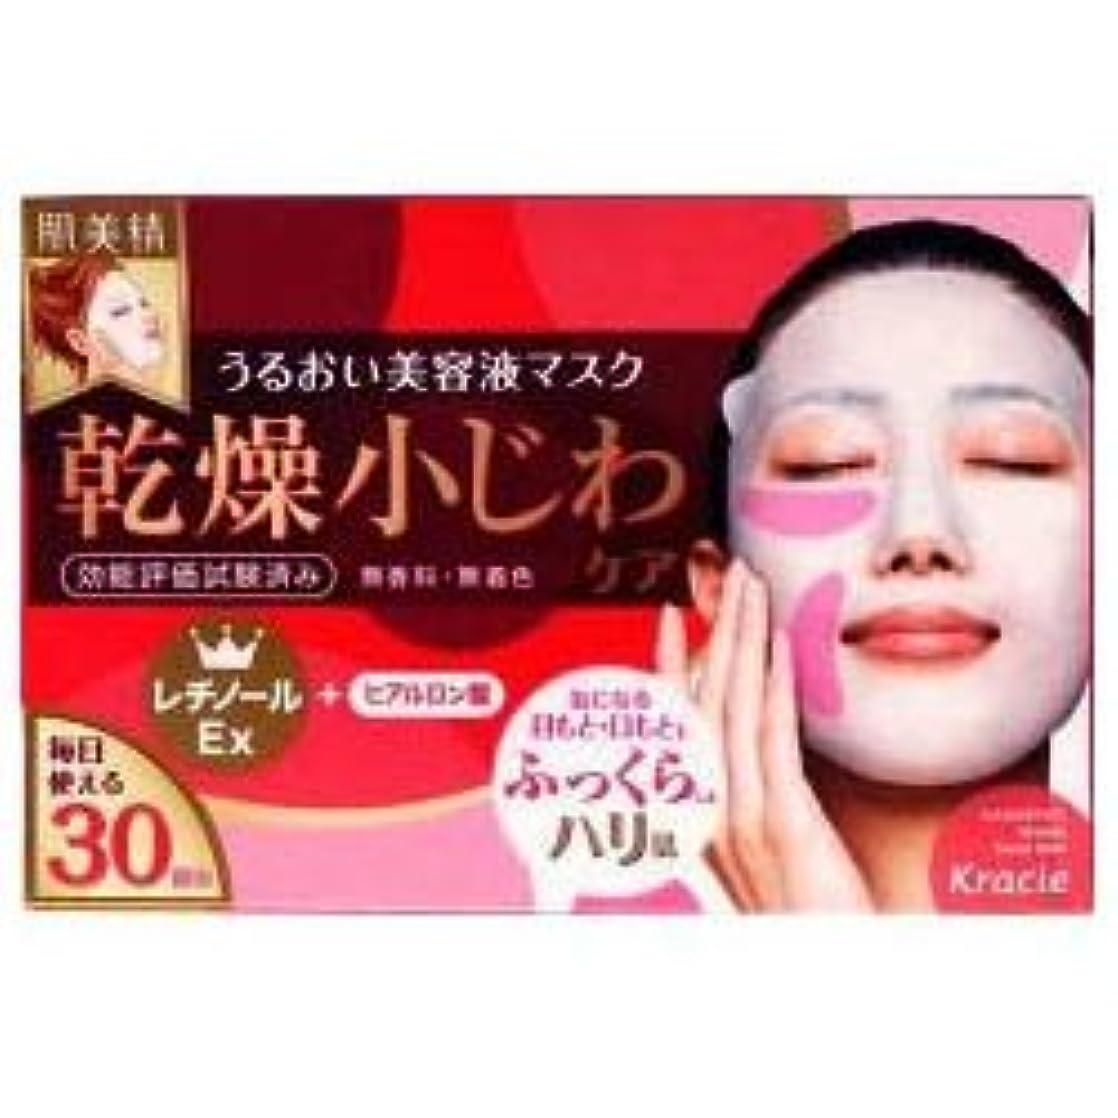 バラバラにするラケットますます【クラシエ】肌美精 デイリーリンクルケア美容液マスク 30枚 ×10個セット